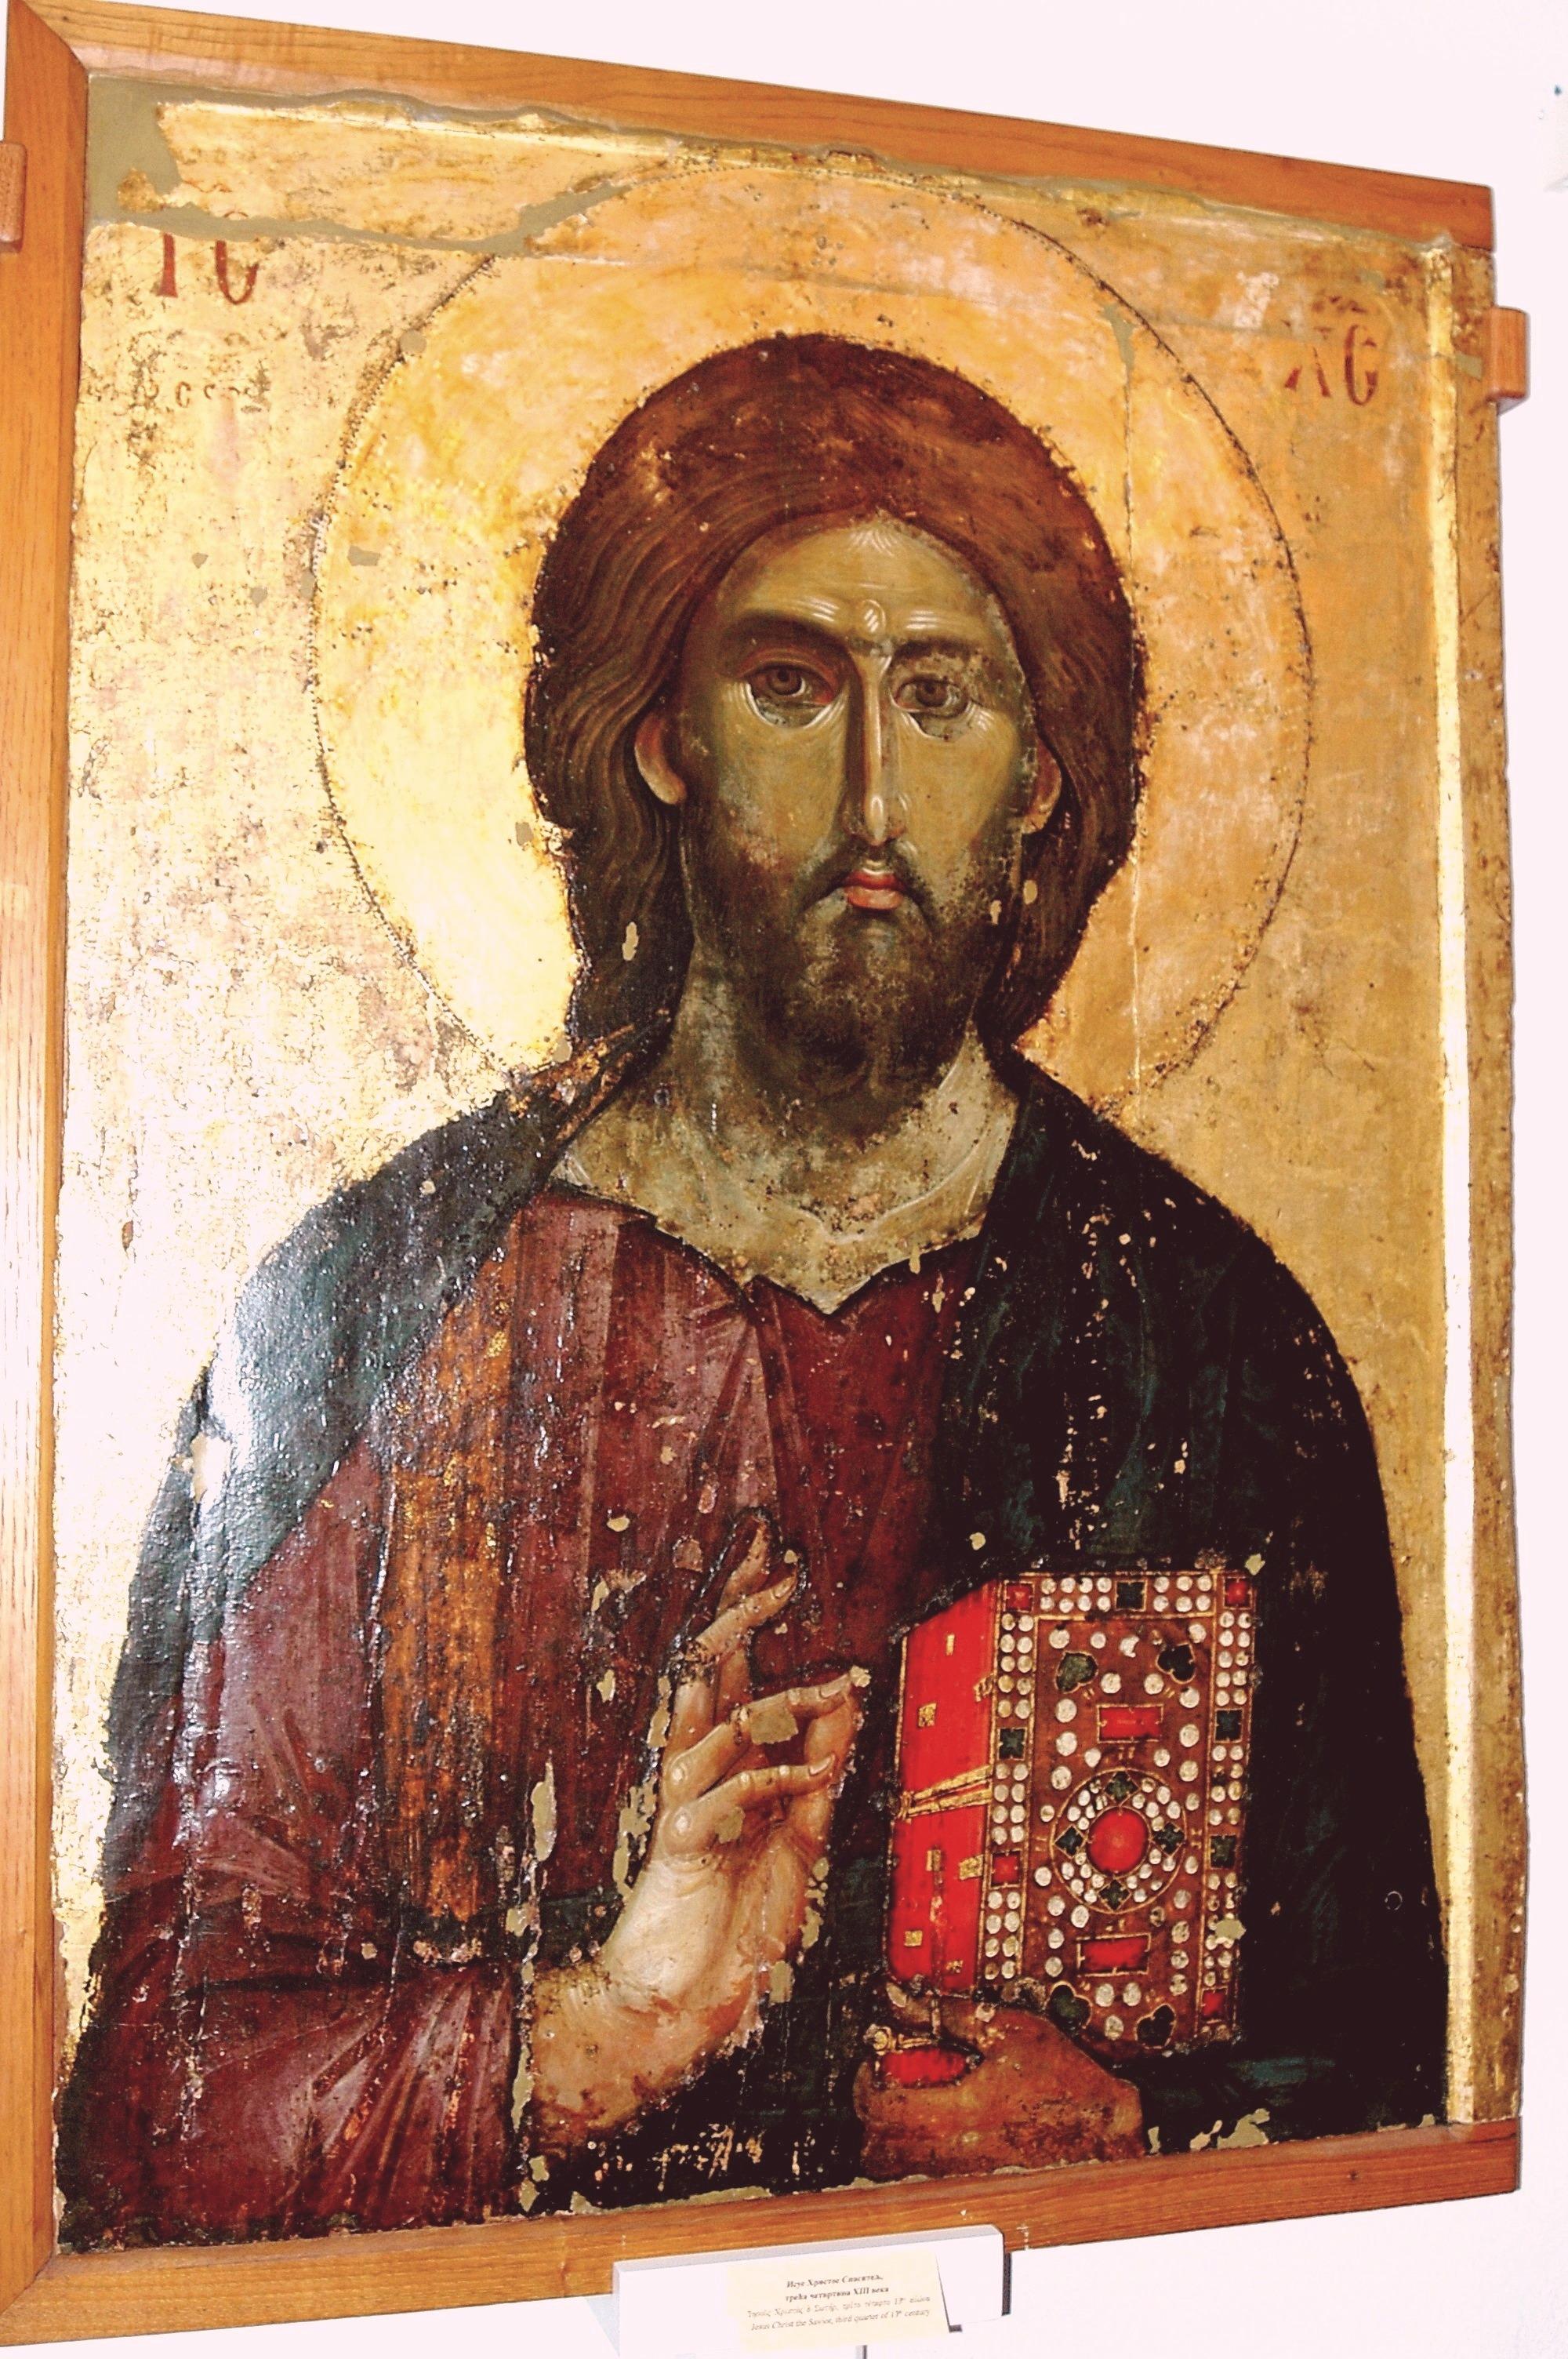 Христос Пантократор. Византийская икона в монастыре Хиландар на Святой Горе Афон. 1260-е годы.